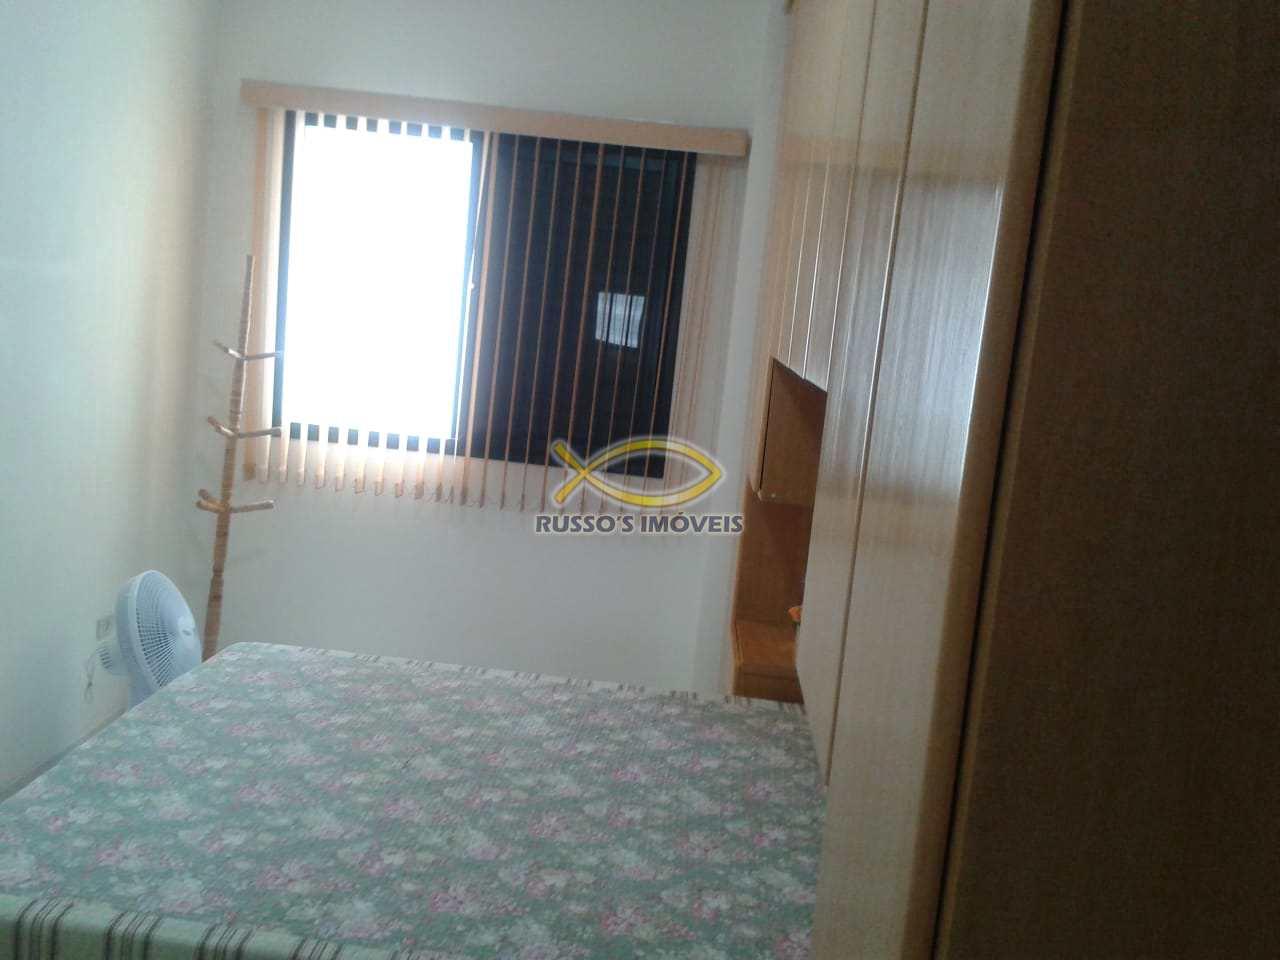 Apartamento com 1 dorm, Ocian, Praia Grande - R$ 180 mil, Cod: 60019118